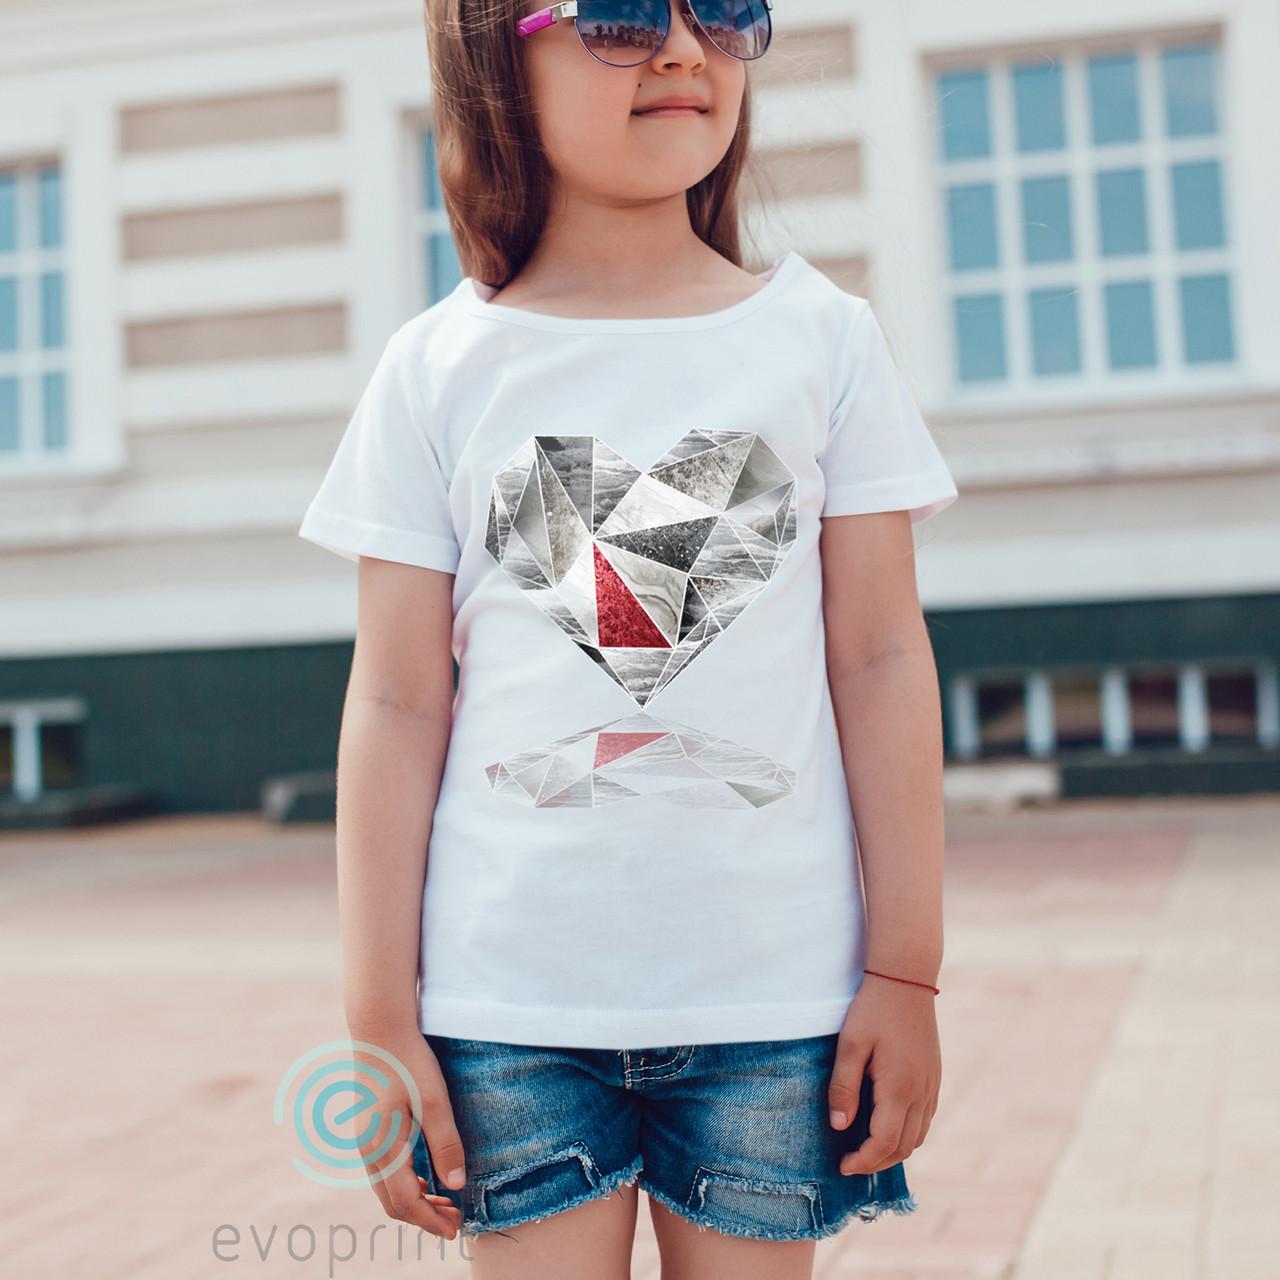 Услуги печати на детской одежде